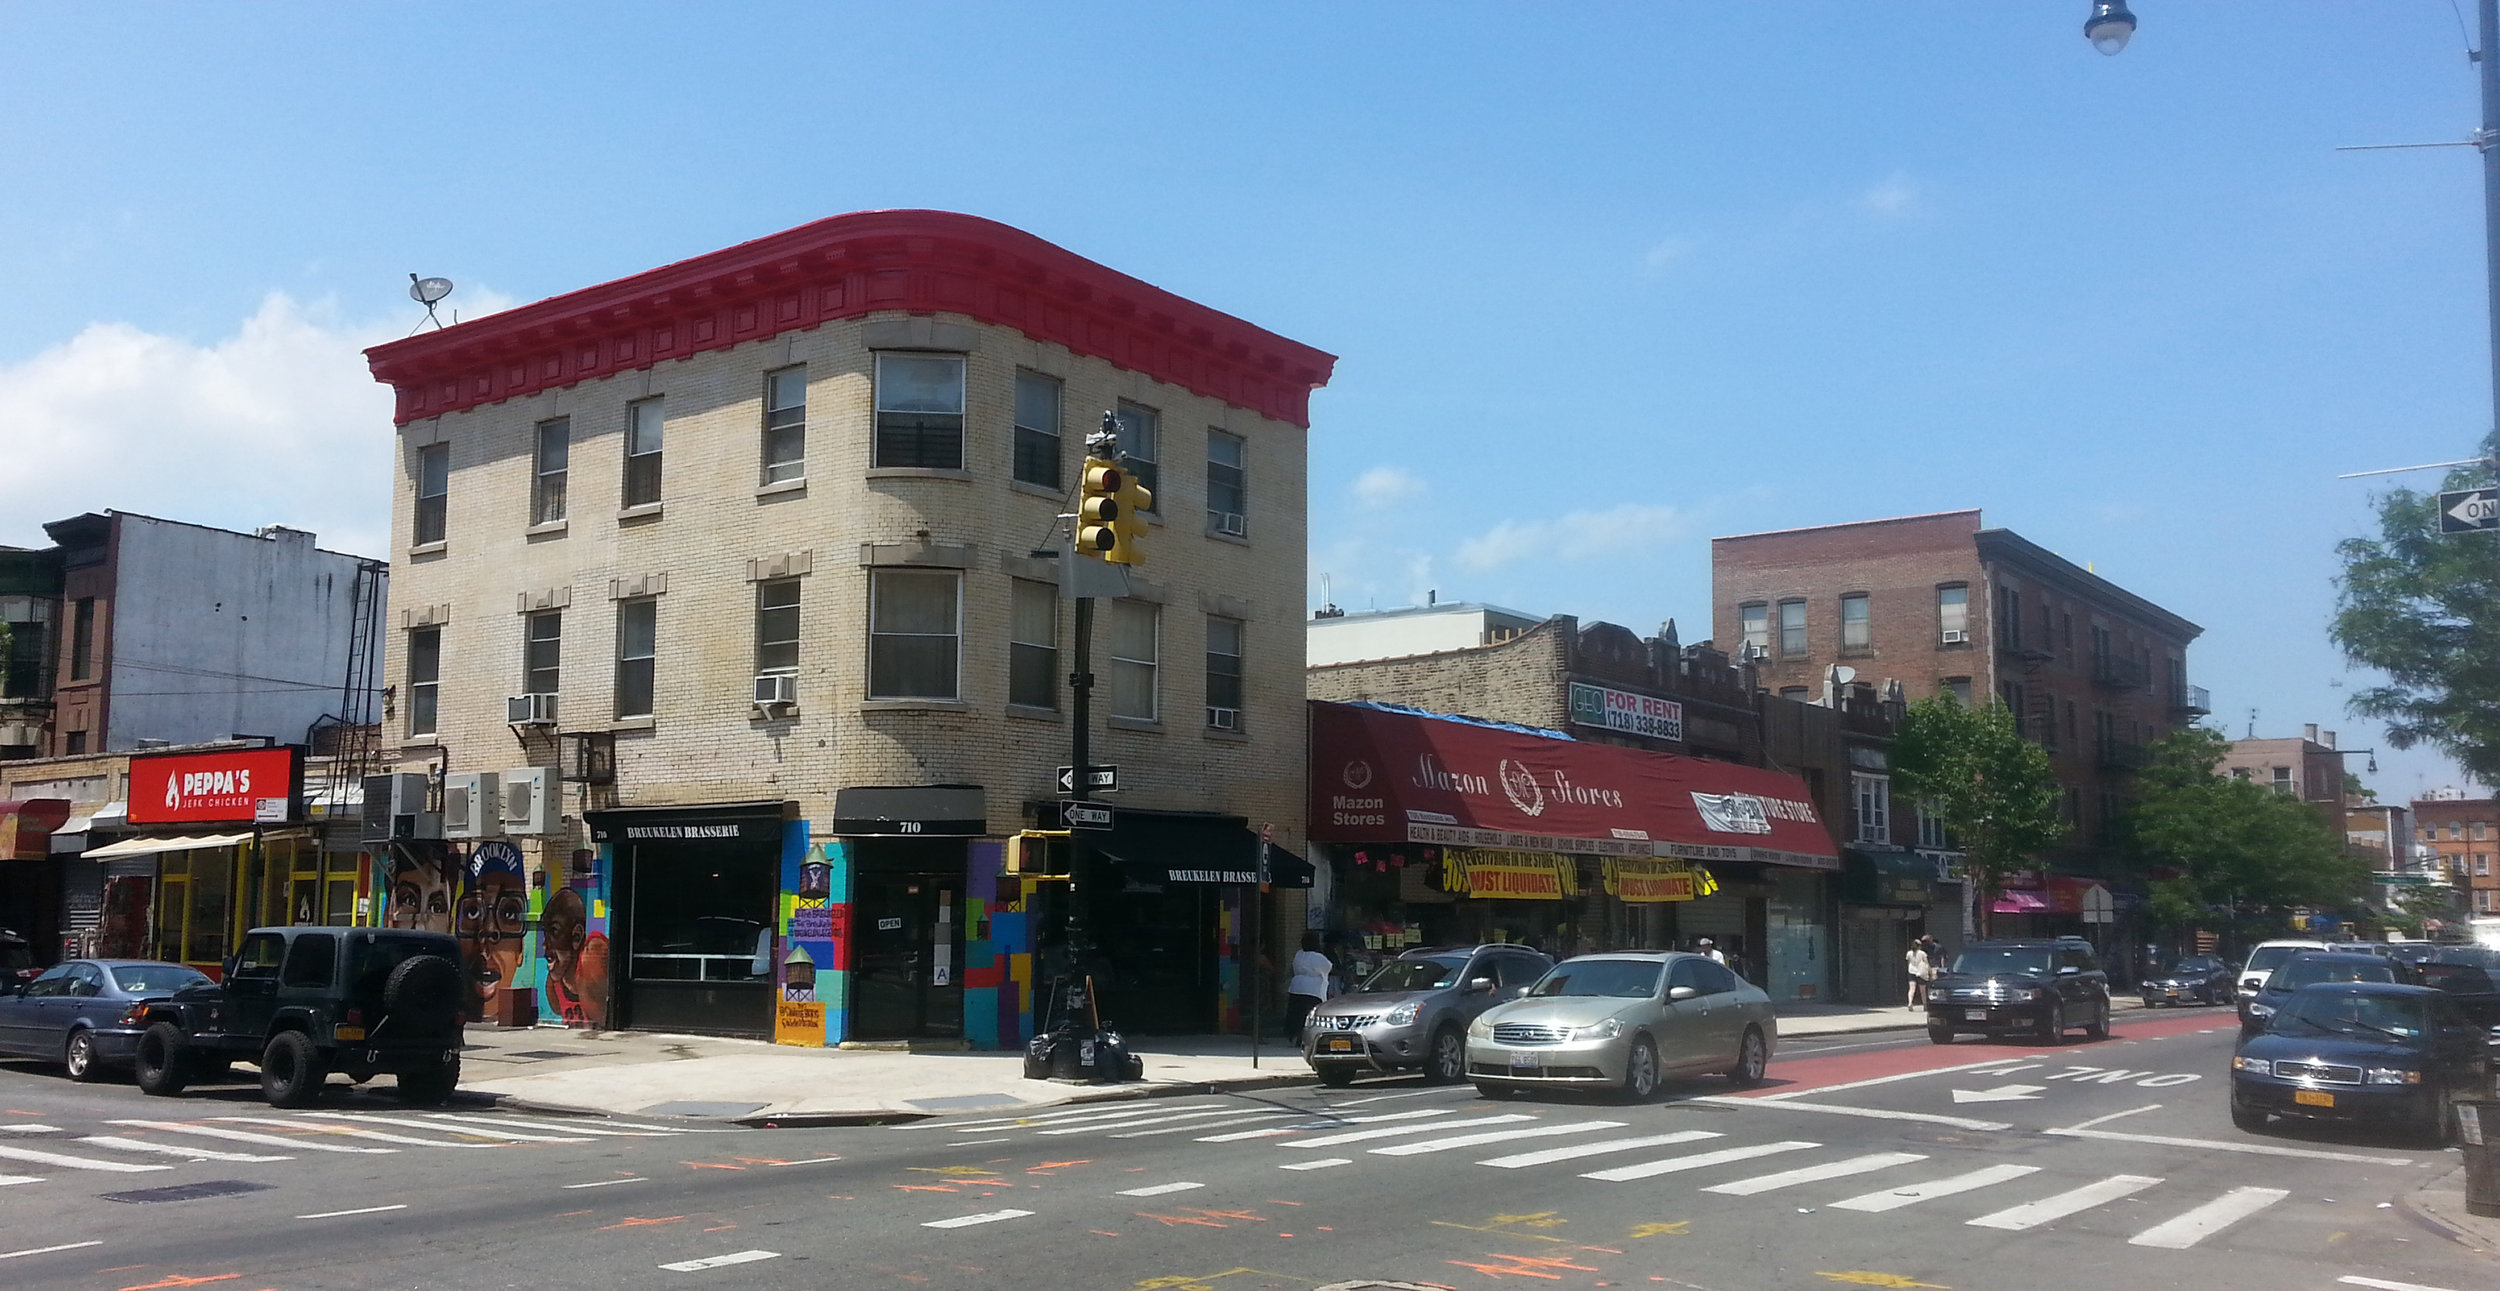 708 Nostrand Ave., Brooklyn, NY. Photo: Darryl Montgomery.